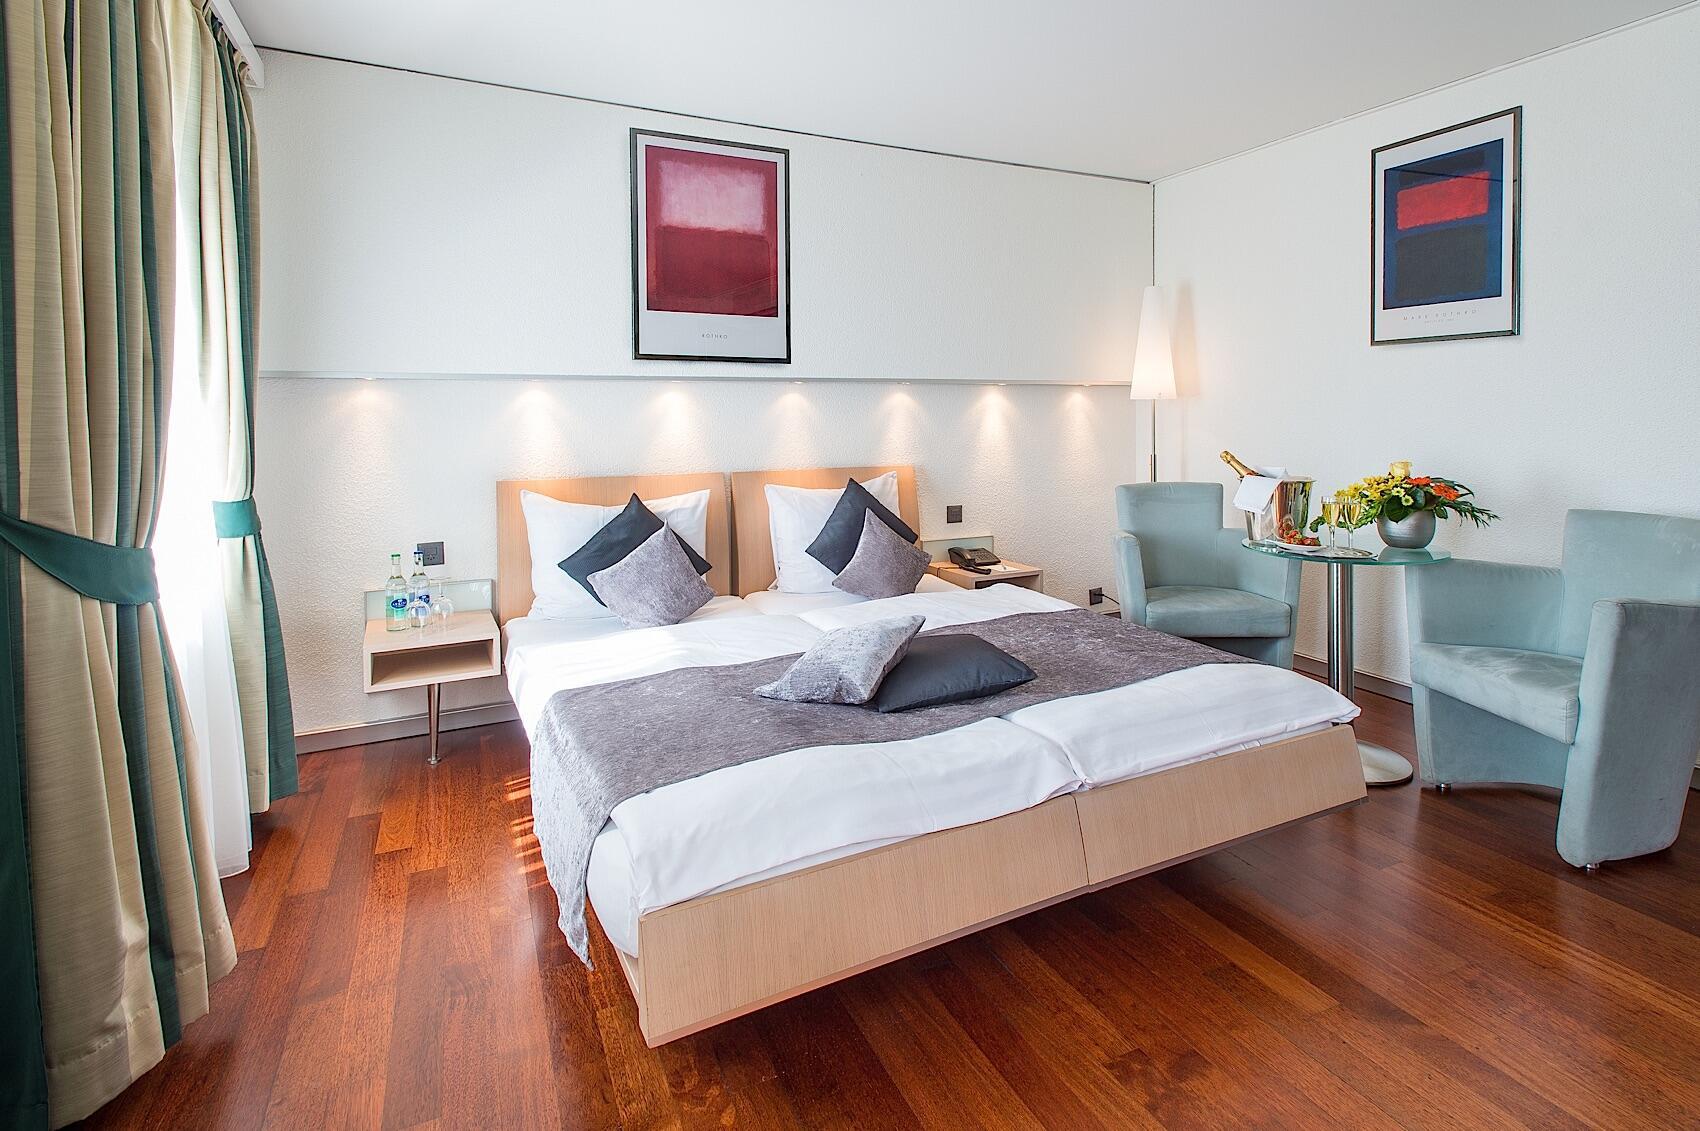 Double Room at Hotel Krone Unterstrass in Zurich